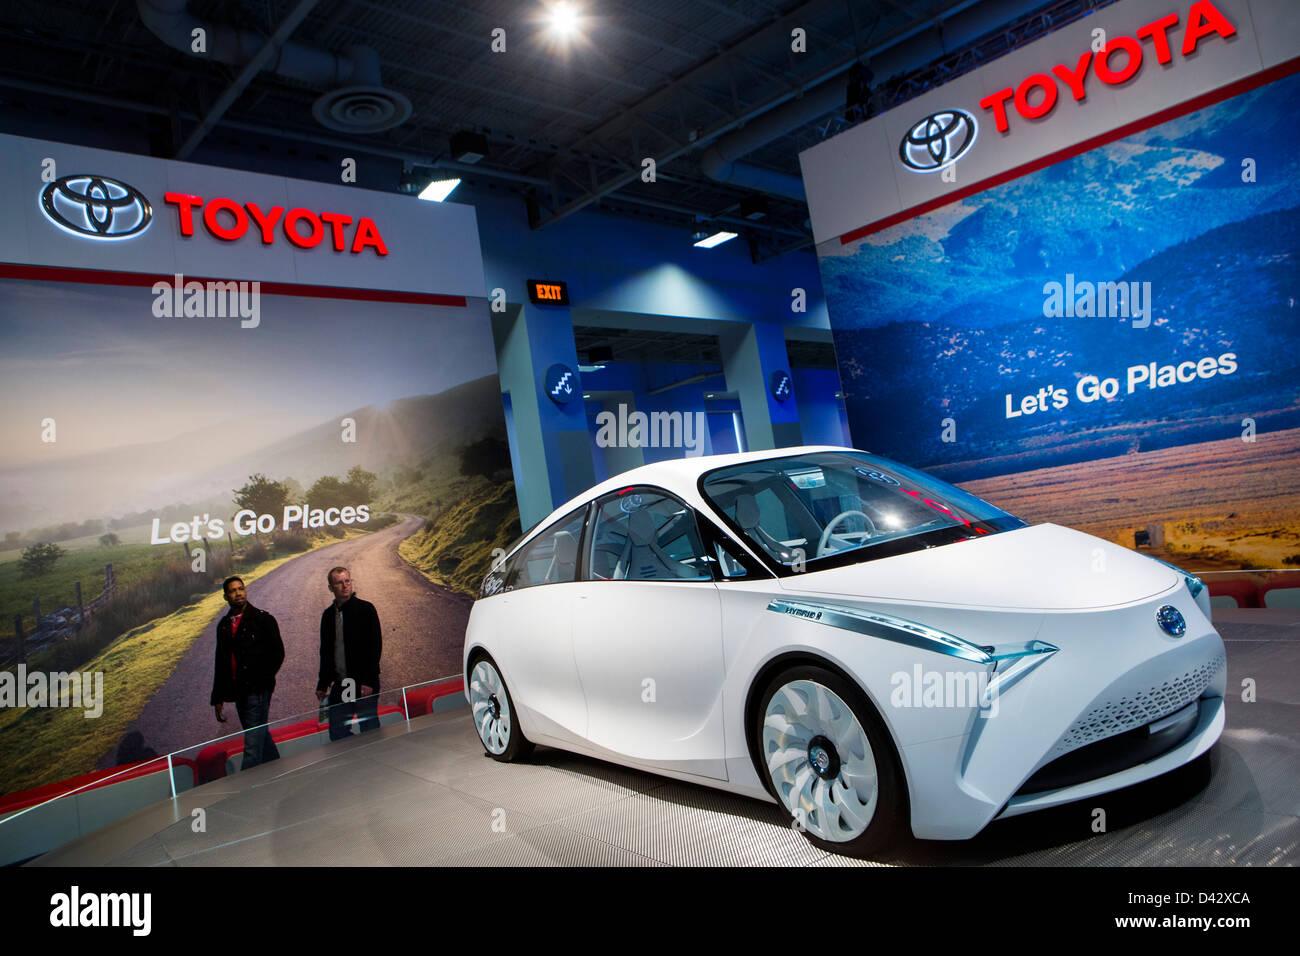 Ein Toyota FT-Bh Hybrid Concept Car auf dem Display an der 2013 Automesse in Washington, DC. Stockbild